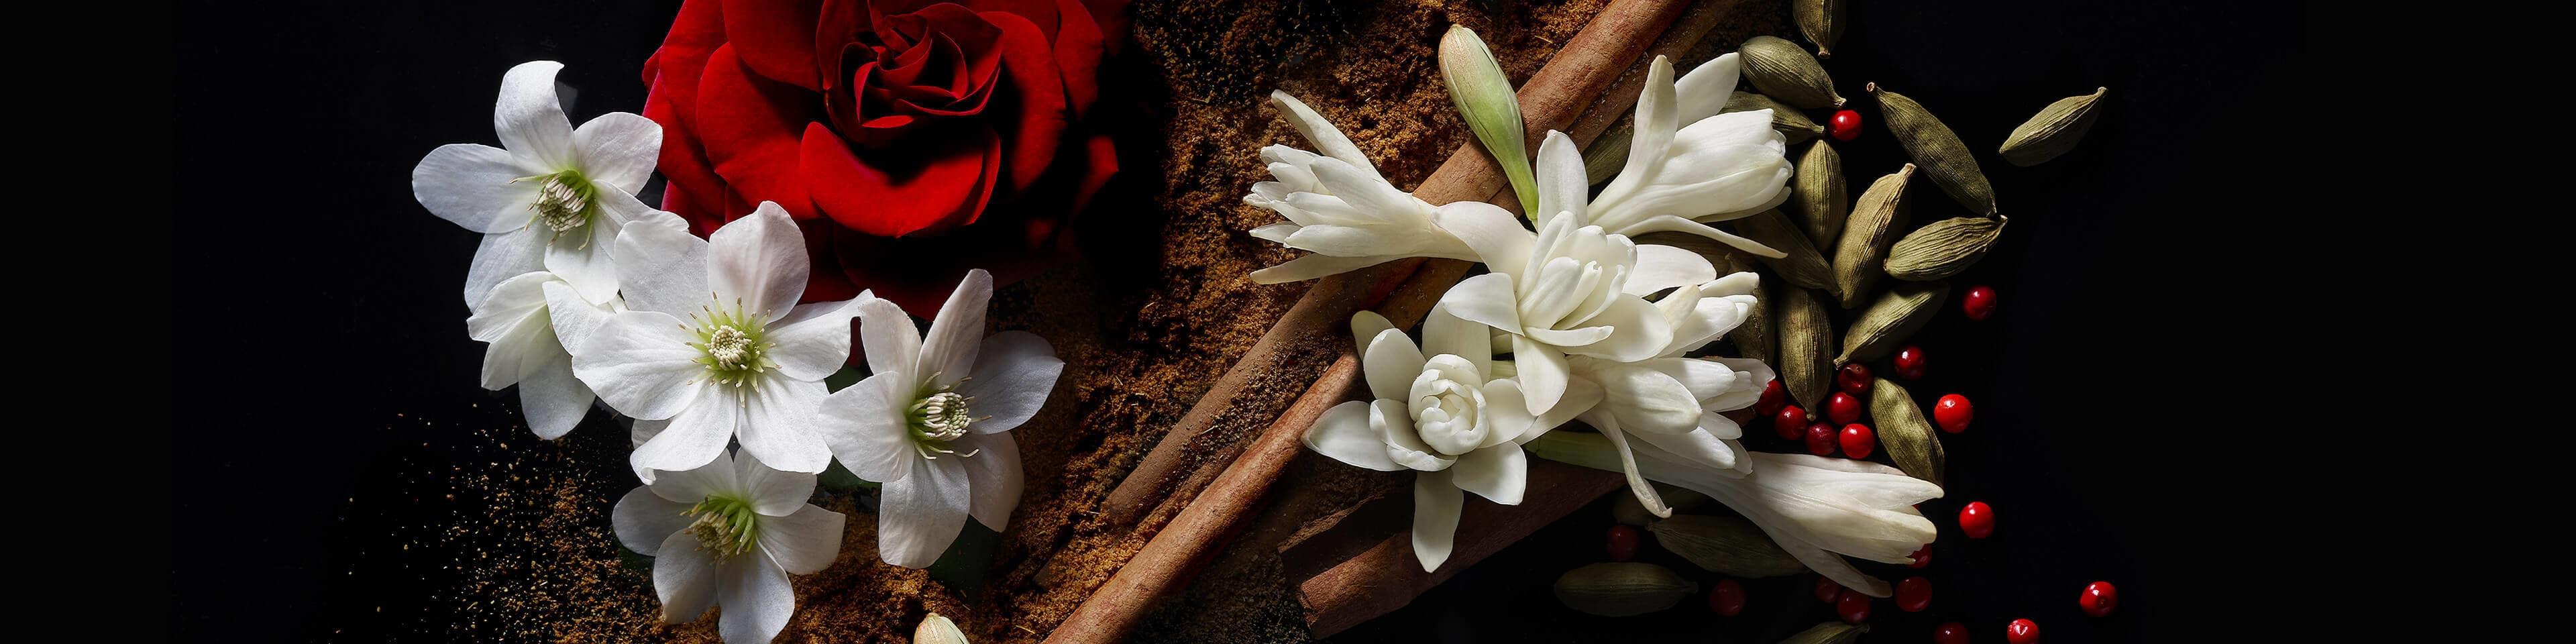 عطرهای پیشنهادی بهاره زنانه و مردانه